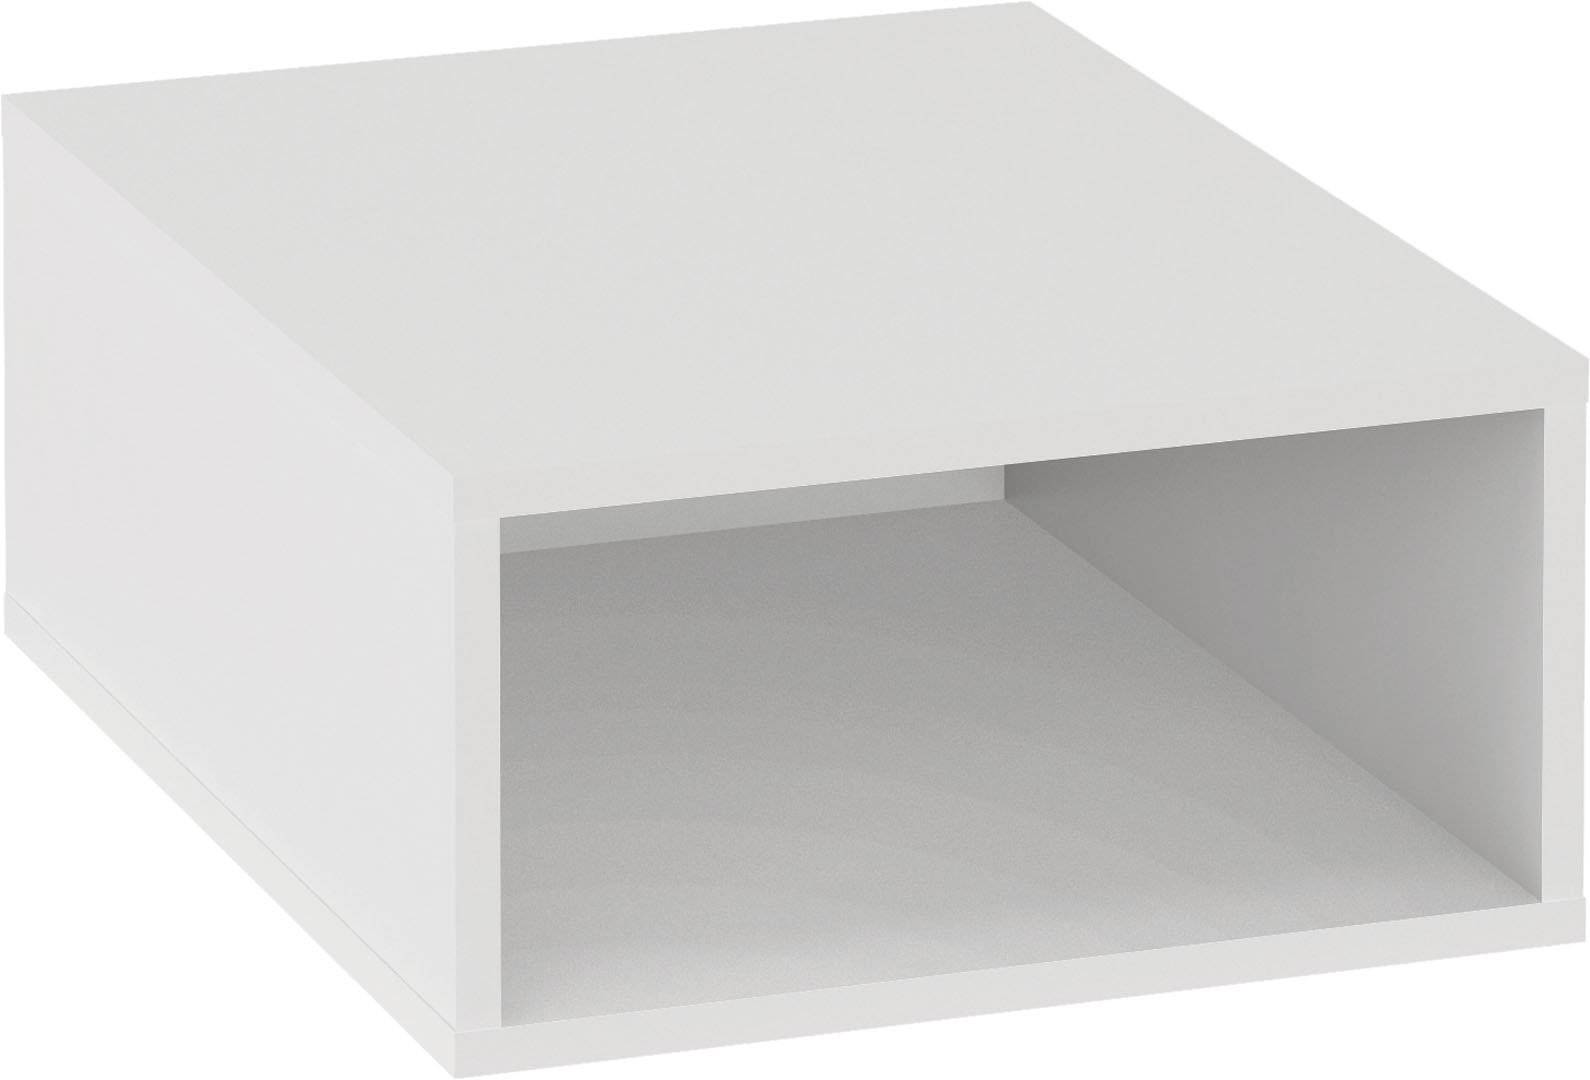 Κουτί 4 You μικρό-Λευκό